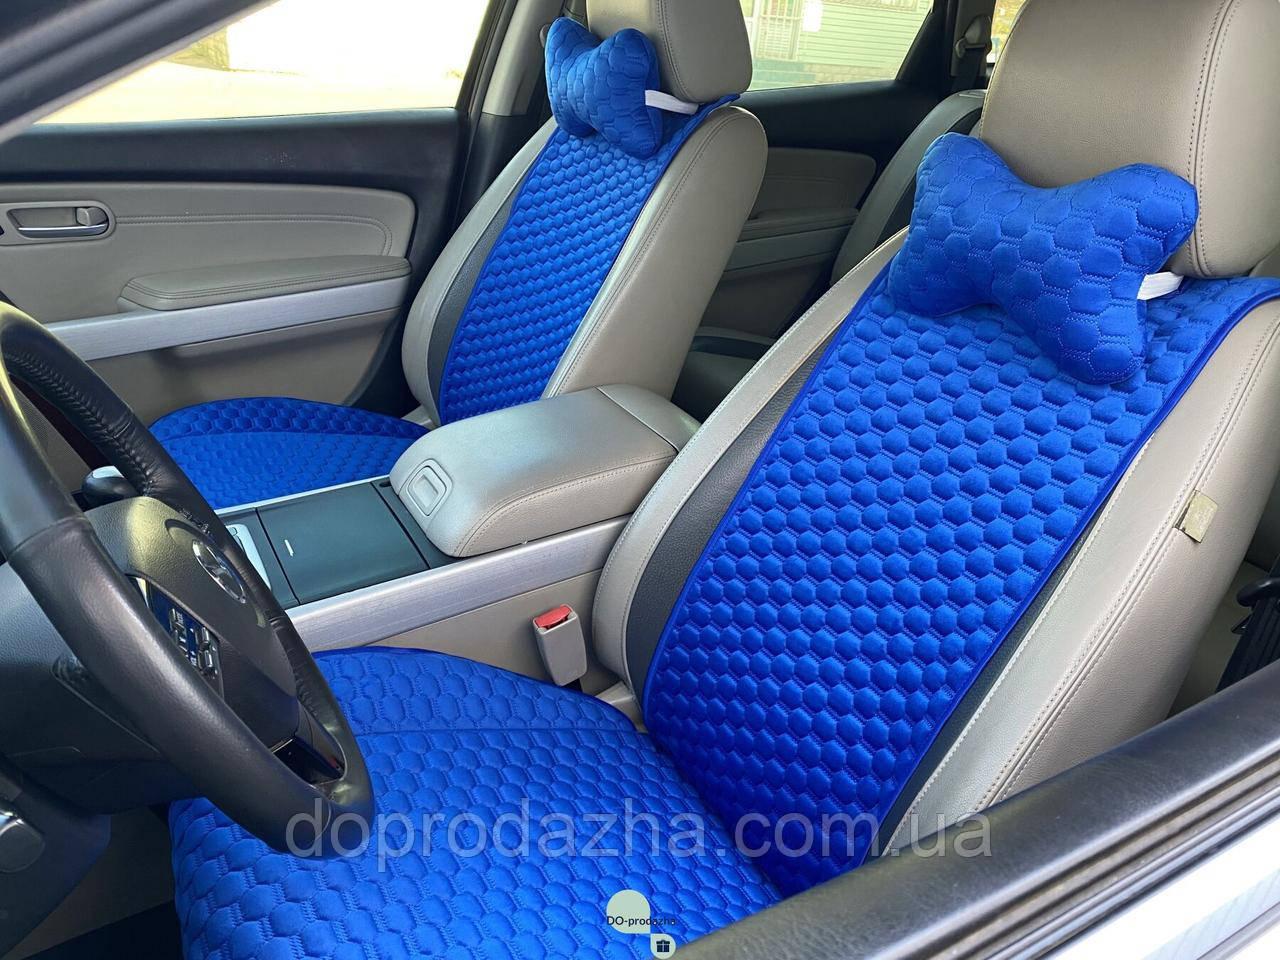 Накидки на сидіння з алькантари Lux (штучної замші), Синій, сині стільники. Преміум . 2 передніх